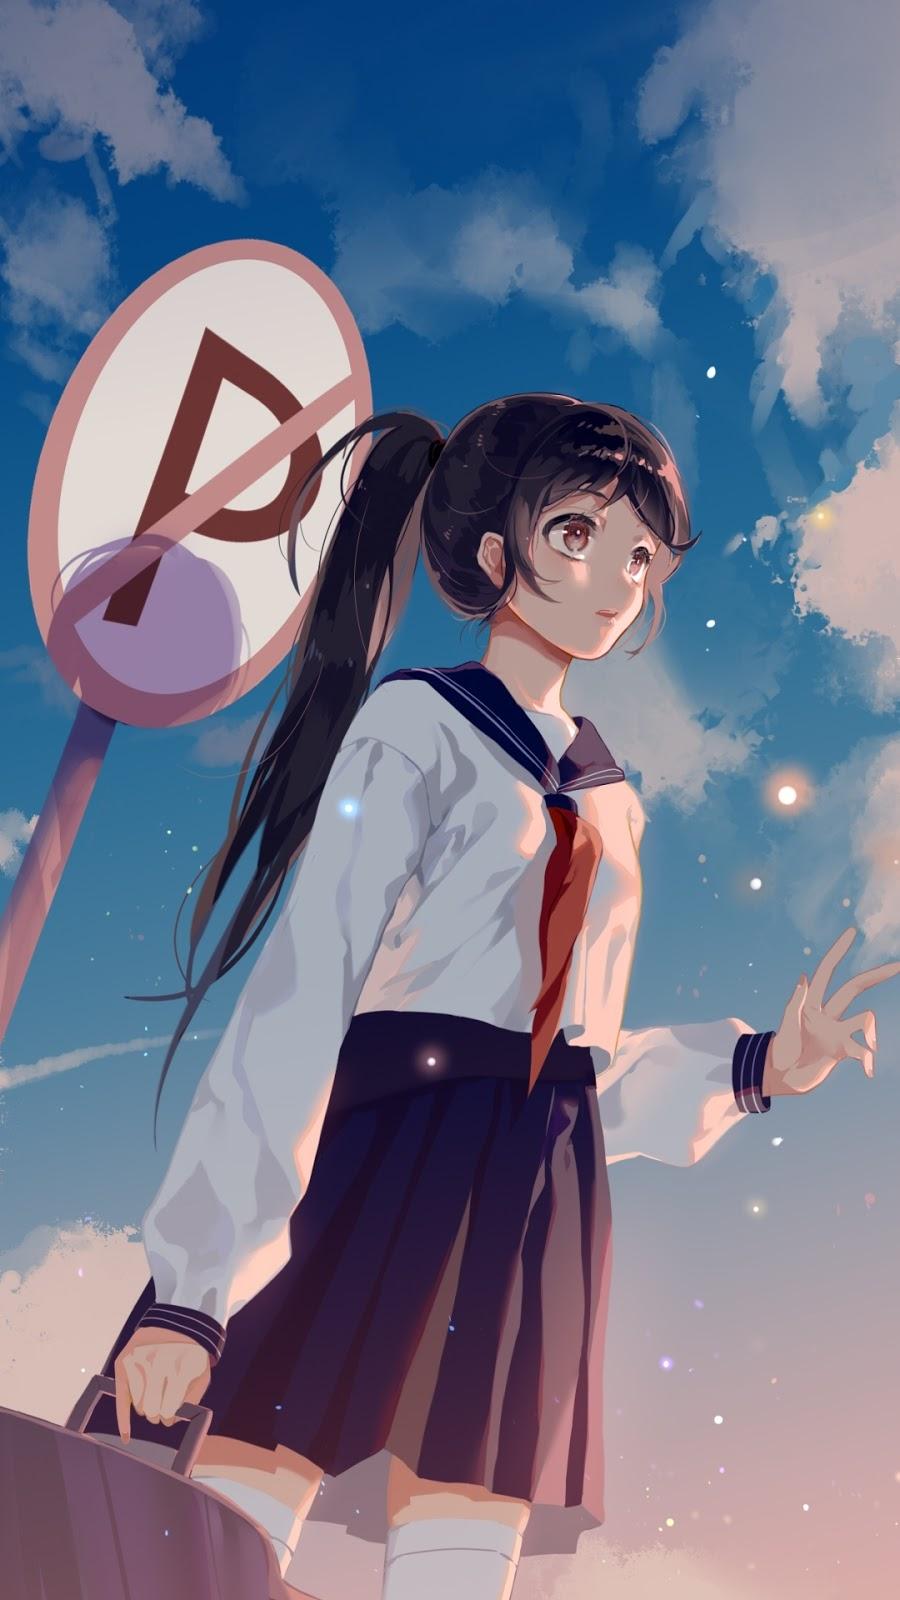 Ponytail anime girl mobile wallpaper